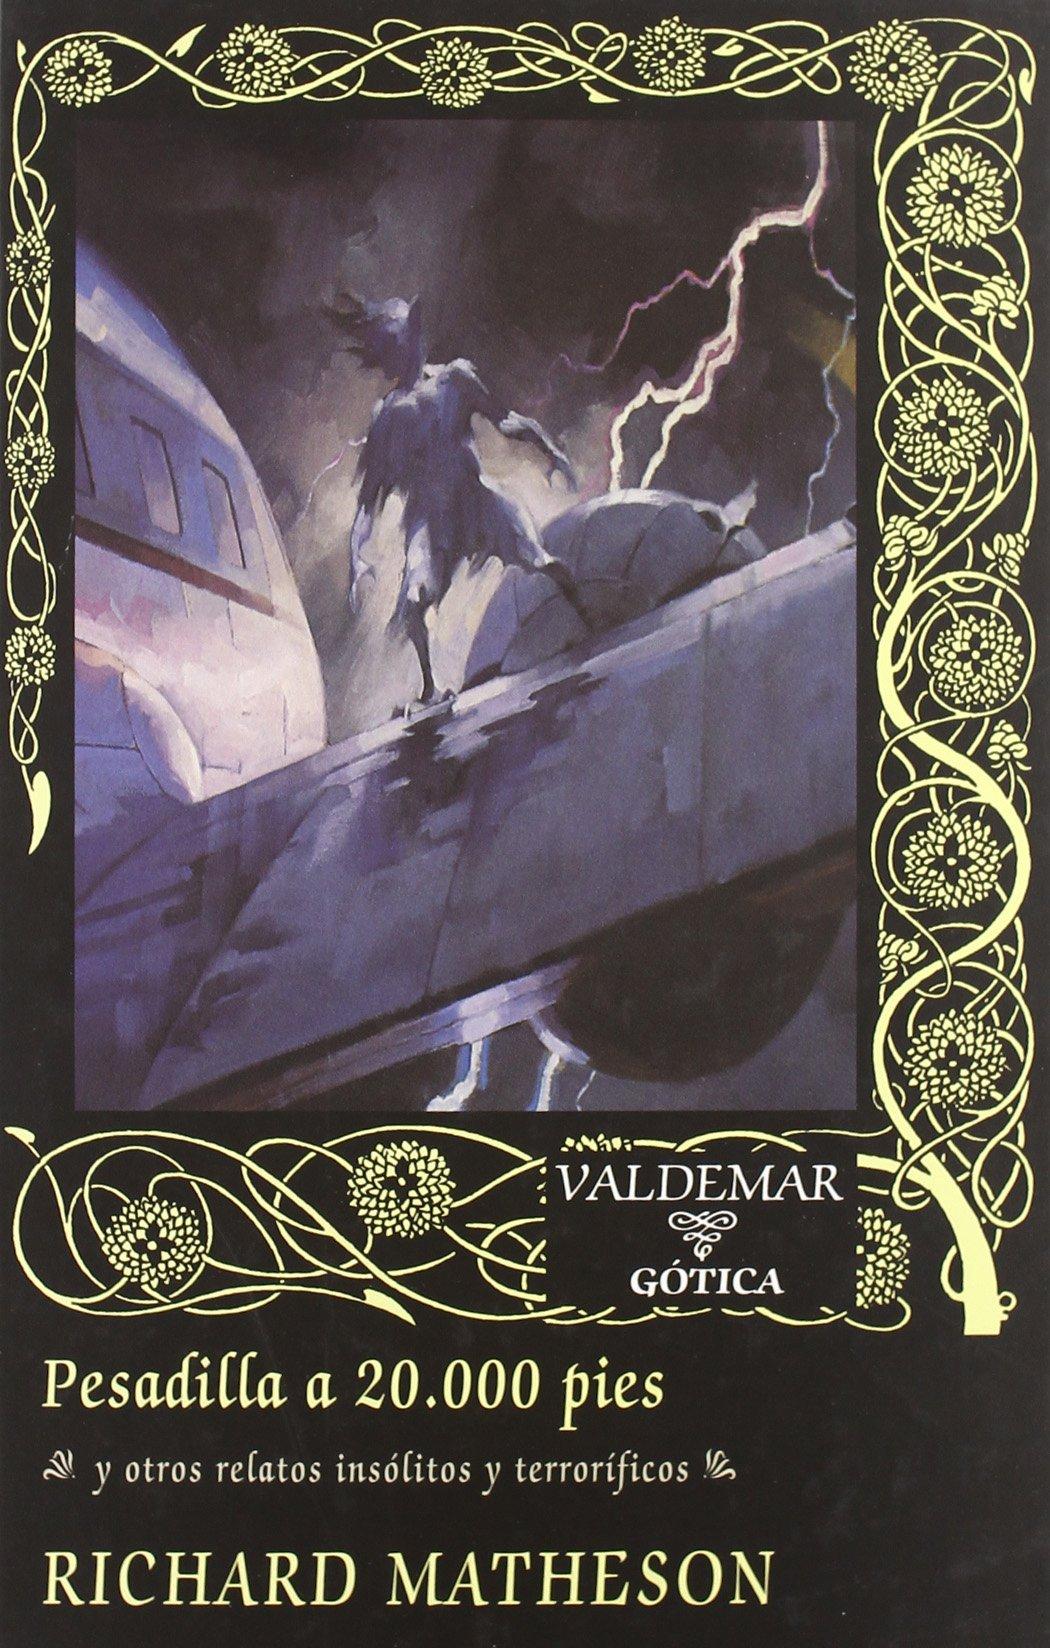 Pesadilla a 20.000 pies: Y otros relatos insólitos y terroríficos Gótica: Amazon.es: Richard Matheson: Libros